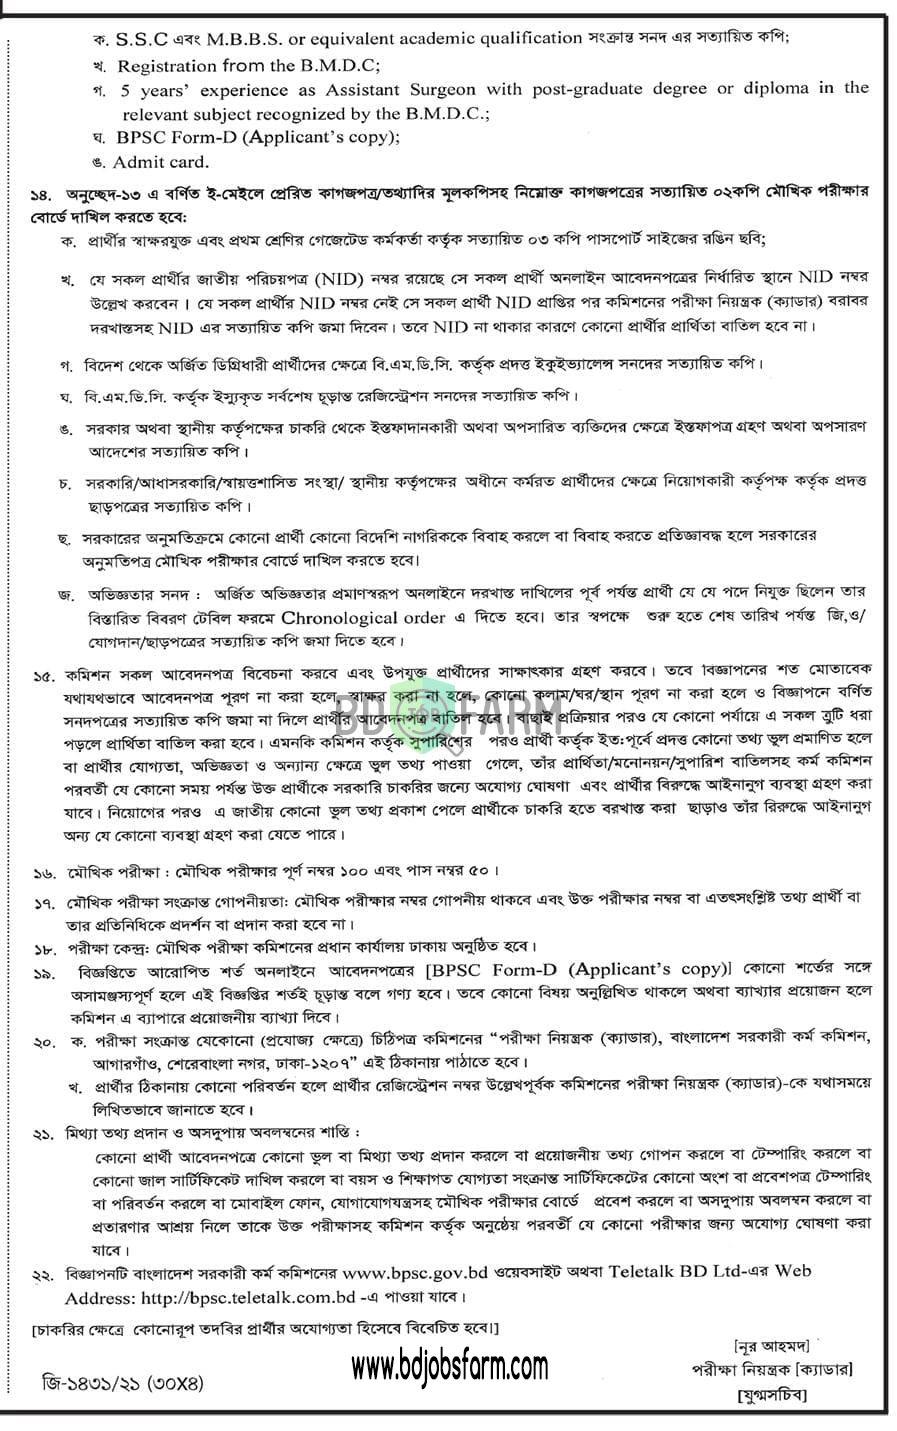 বাংলাদেশ সরকারী কর্ম কমিশন সচিবালয় নিয়োগ বিজ্ঞপ্তি